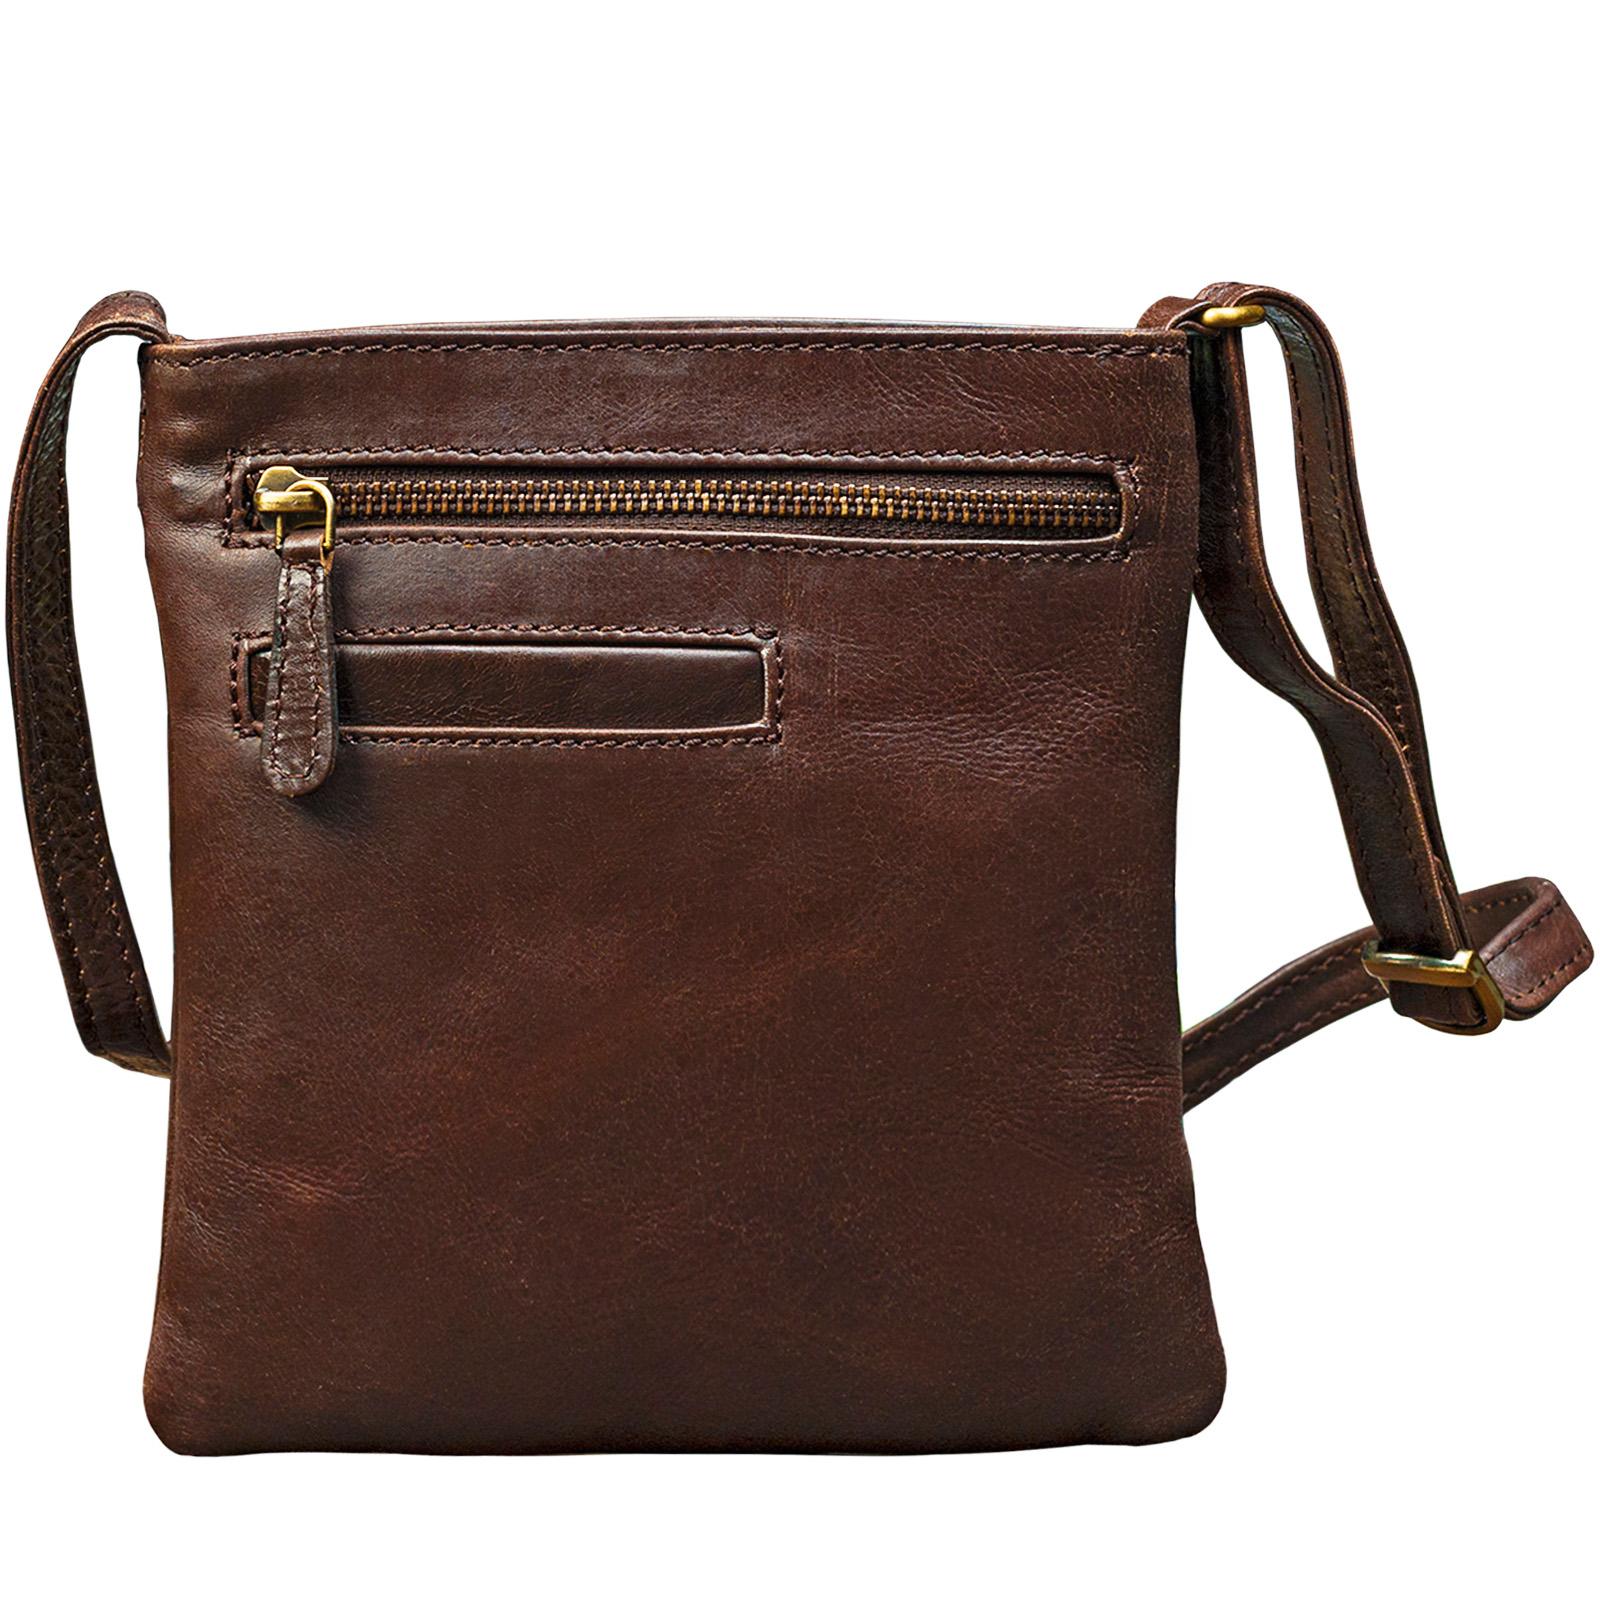 """STILORD """"Lana"""" kleine Umhängetasche Damen Ausgehtasche Schultertasche Handtasche echtes Büffel Leder Vintage Design - Bild 8"""